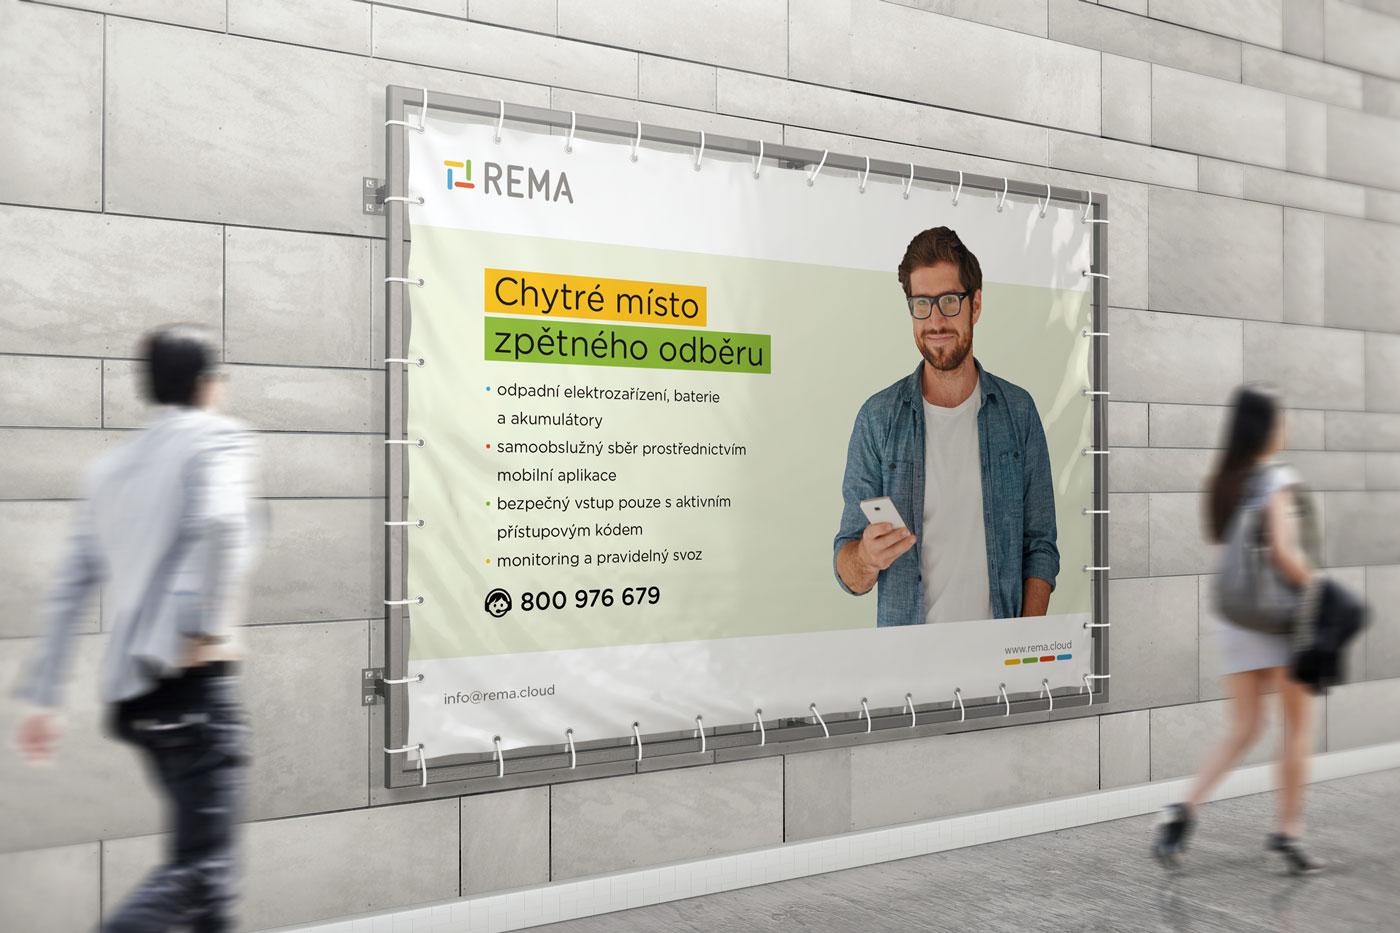 Návrh reklamního banneru pro společnost REMA - 2. varianta